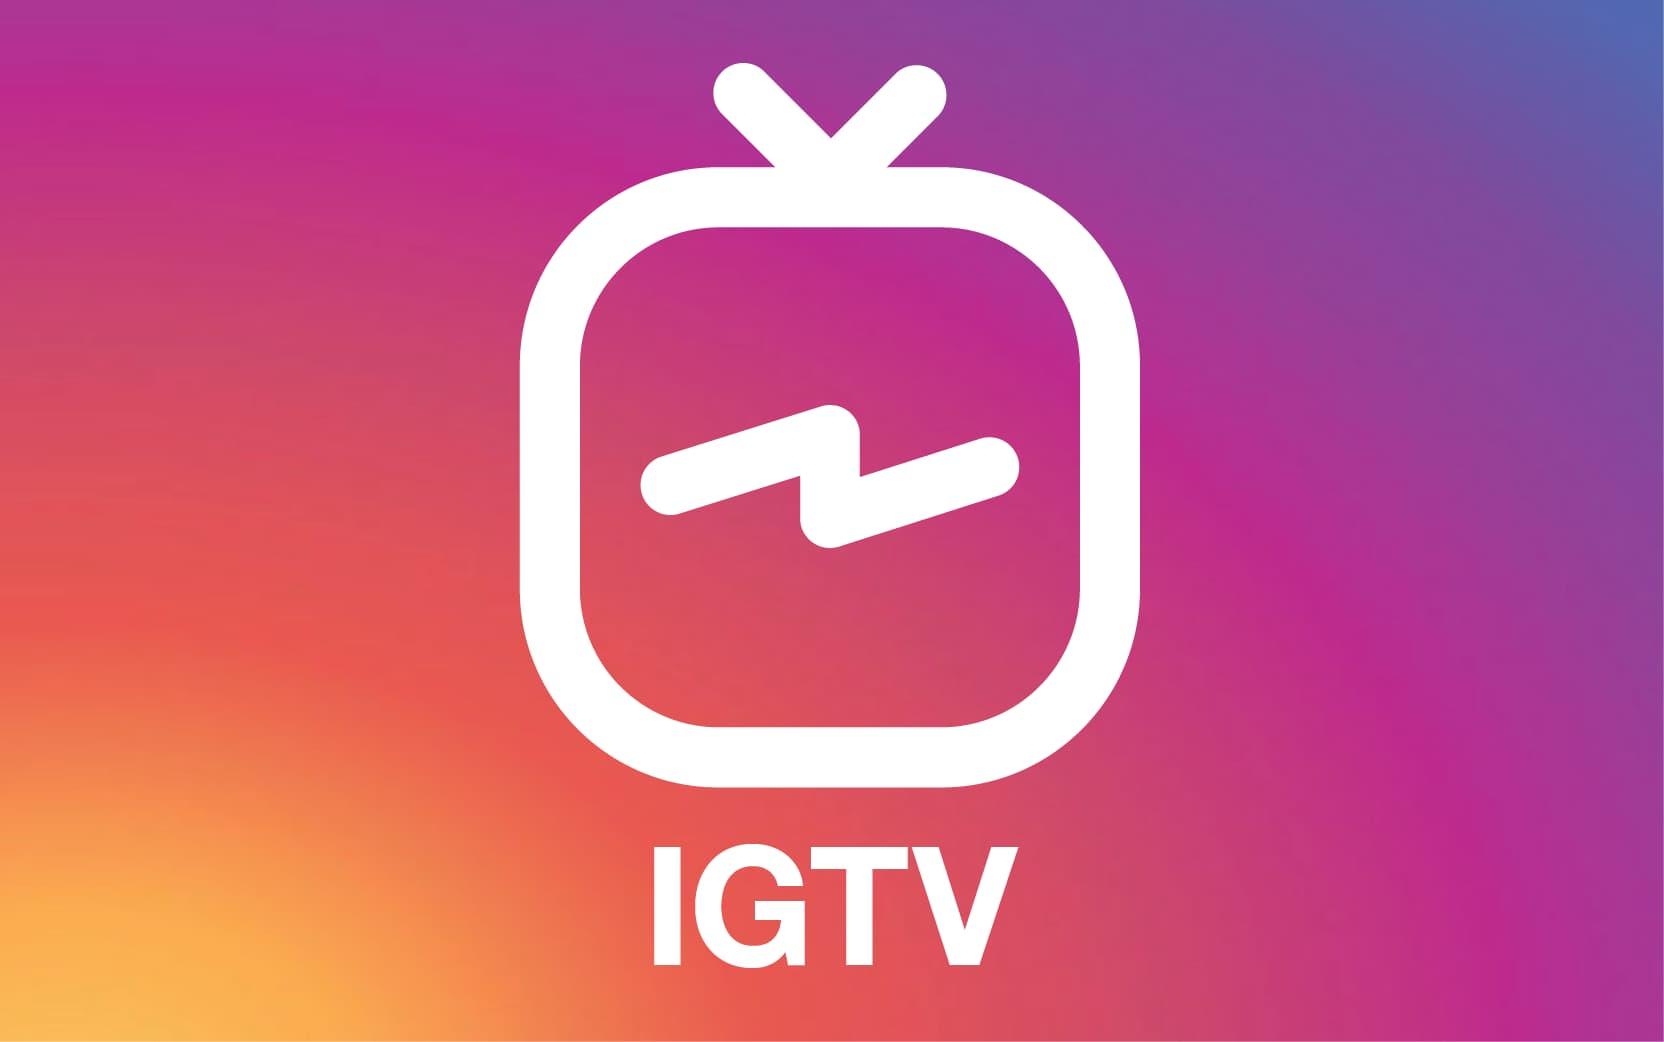 Kuinka ladata IGTV-videoita iPhoneen